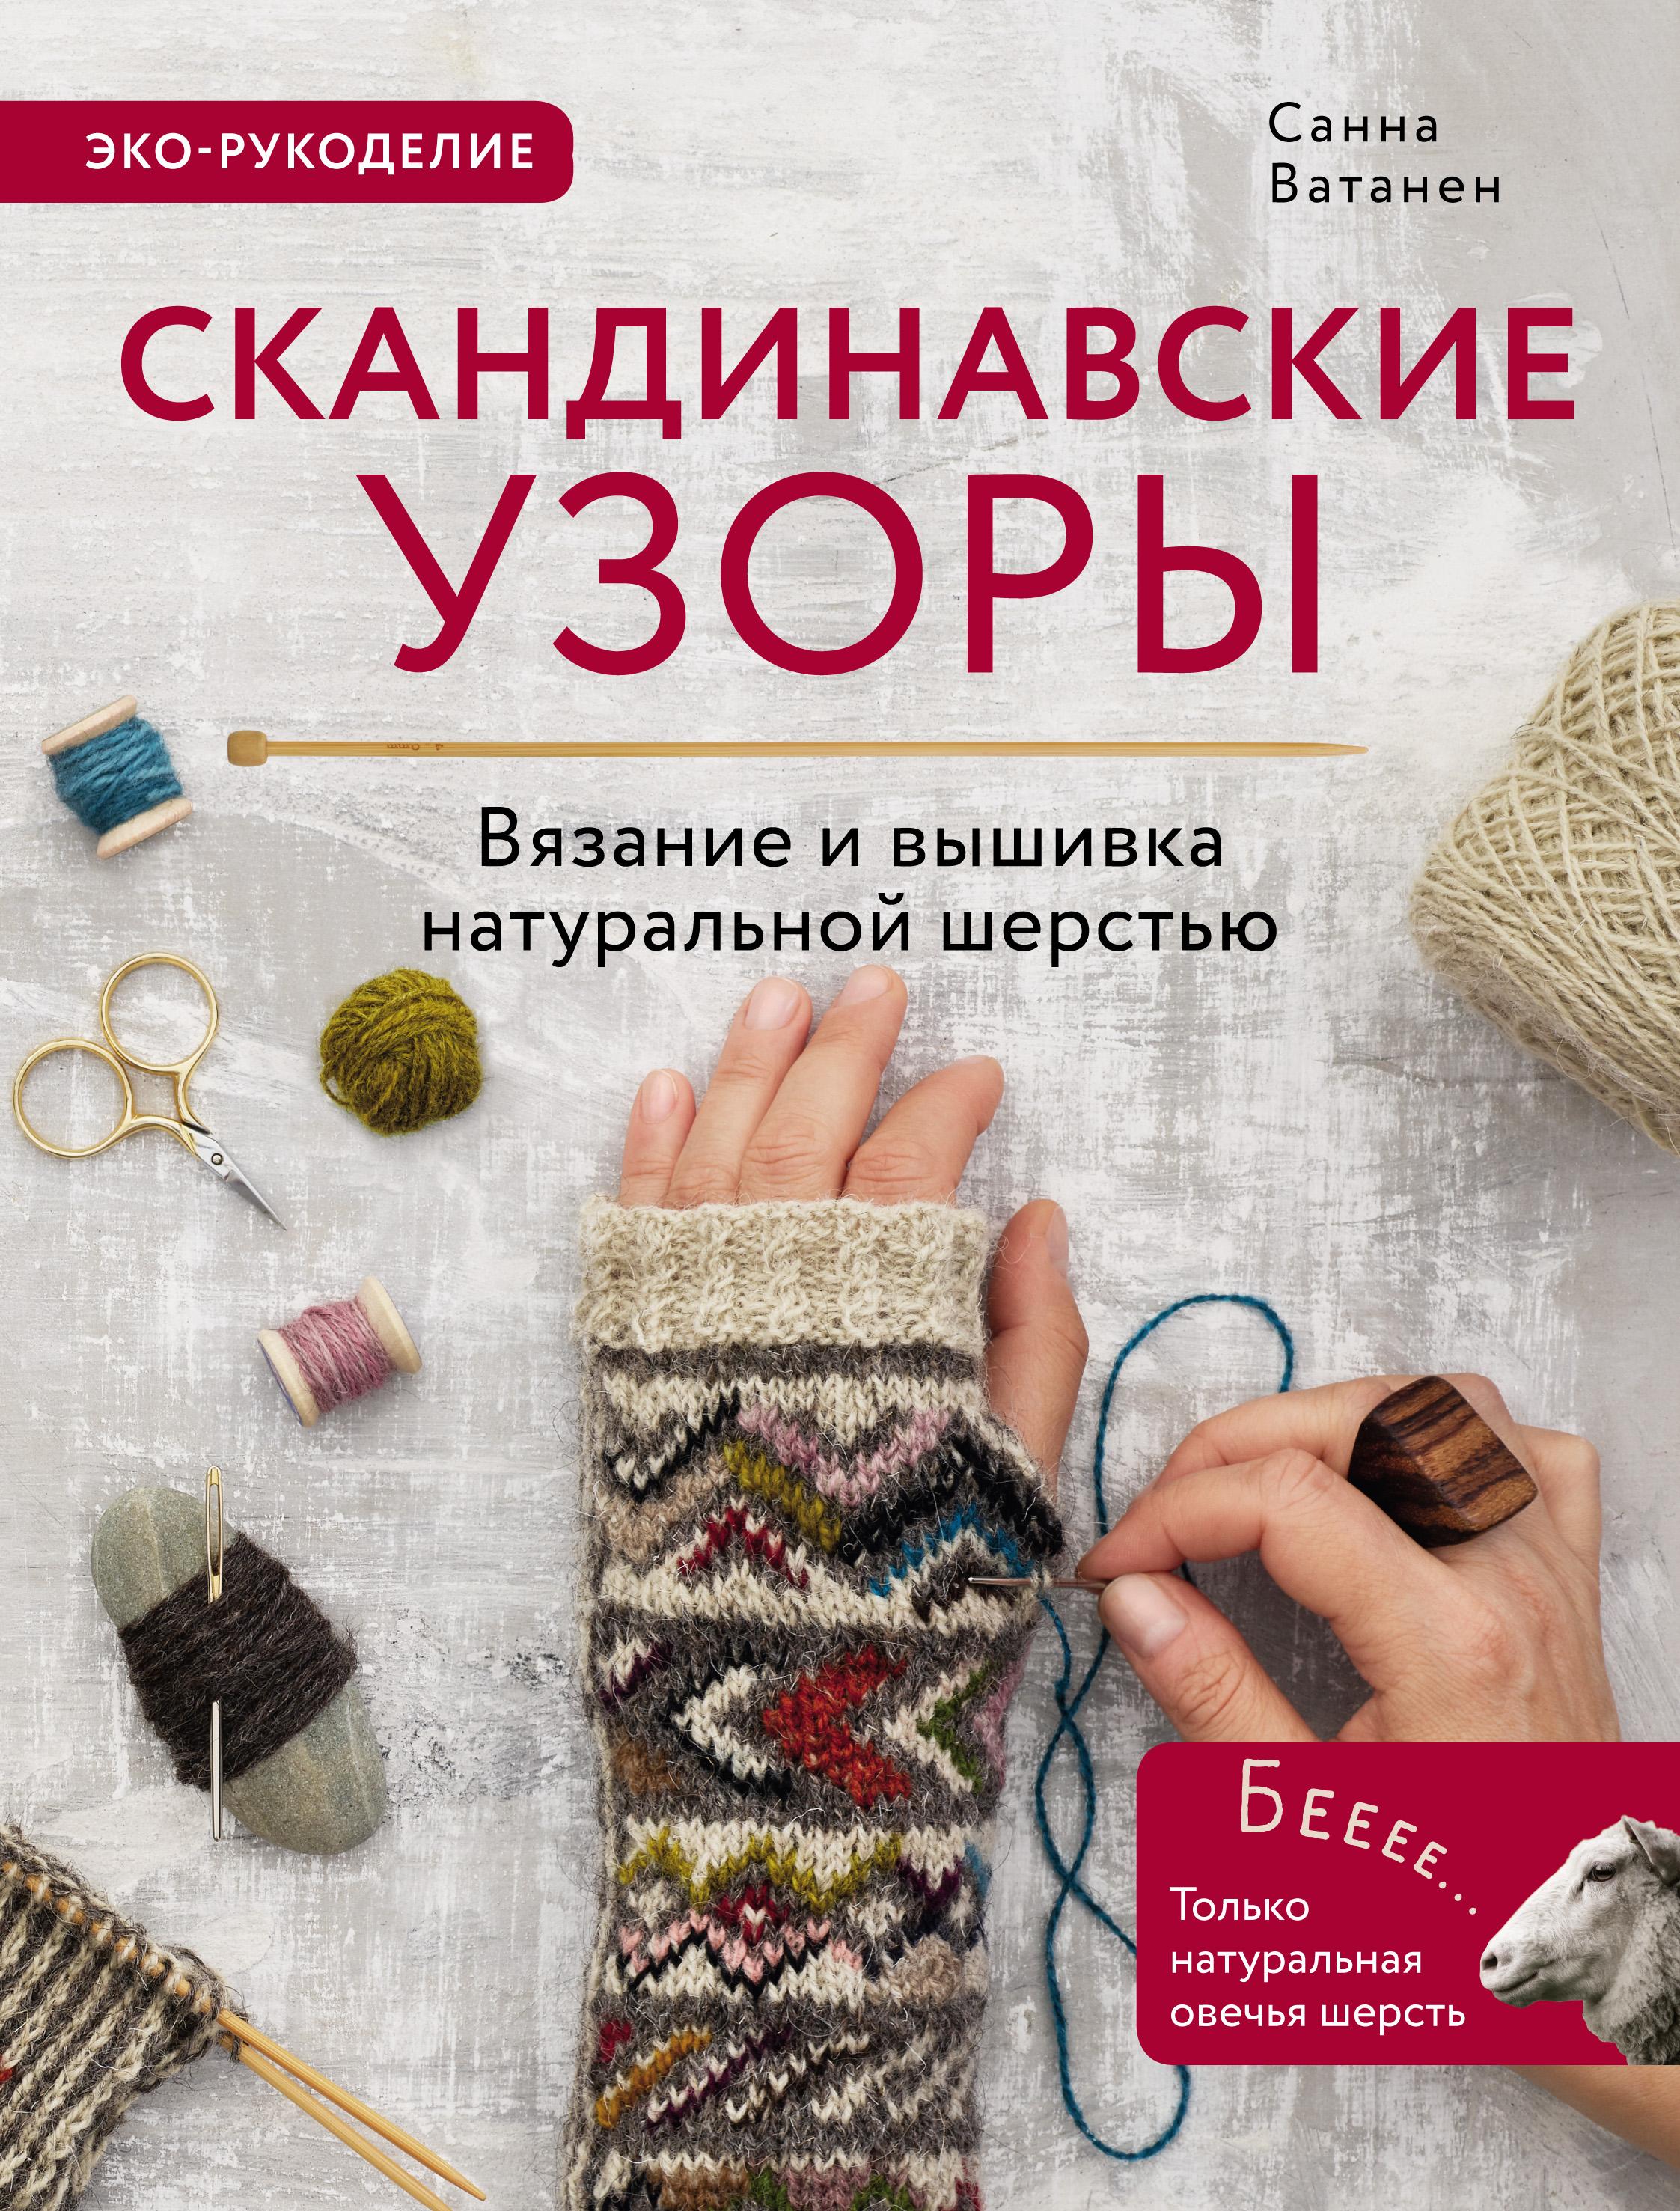 Купить книгу Скандинавские узоры для вязания на спицах. Вязание и вышивка натуральной шерстью, автора Санны Ватанен